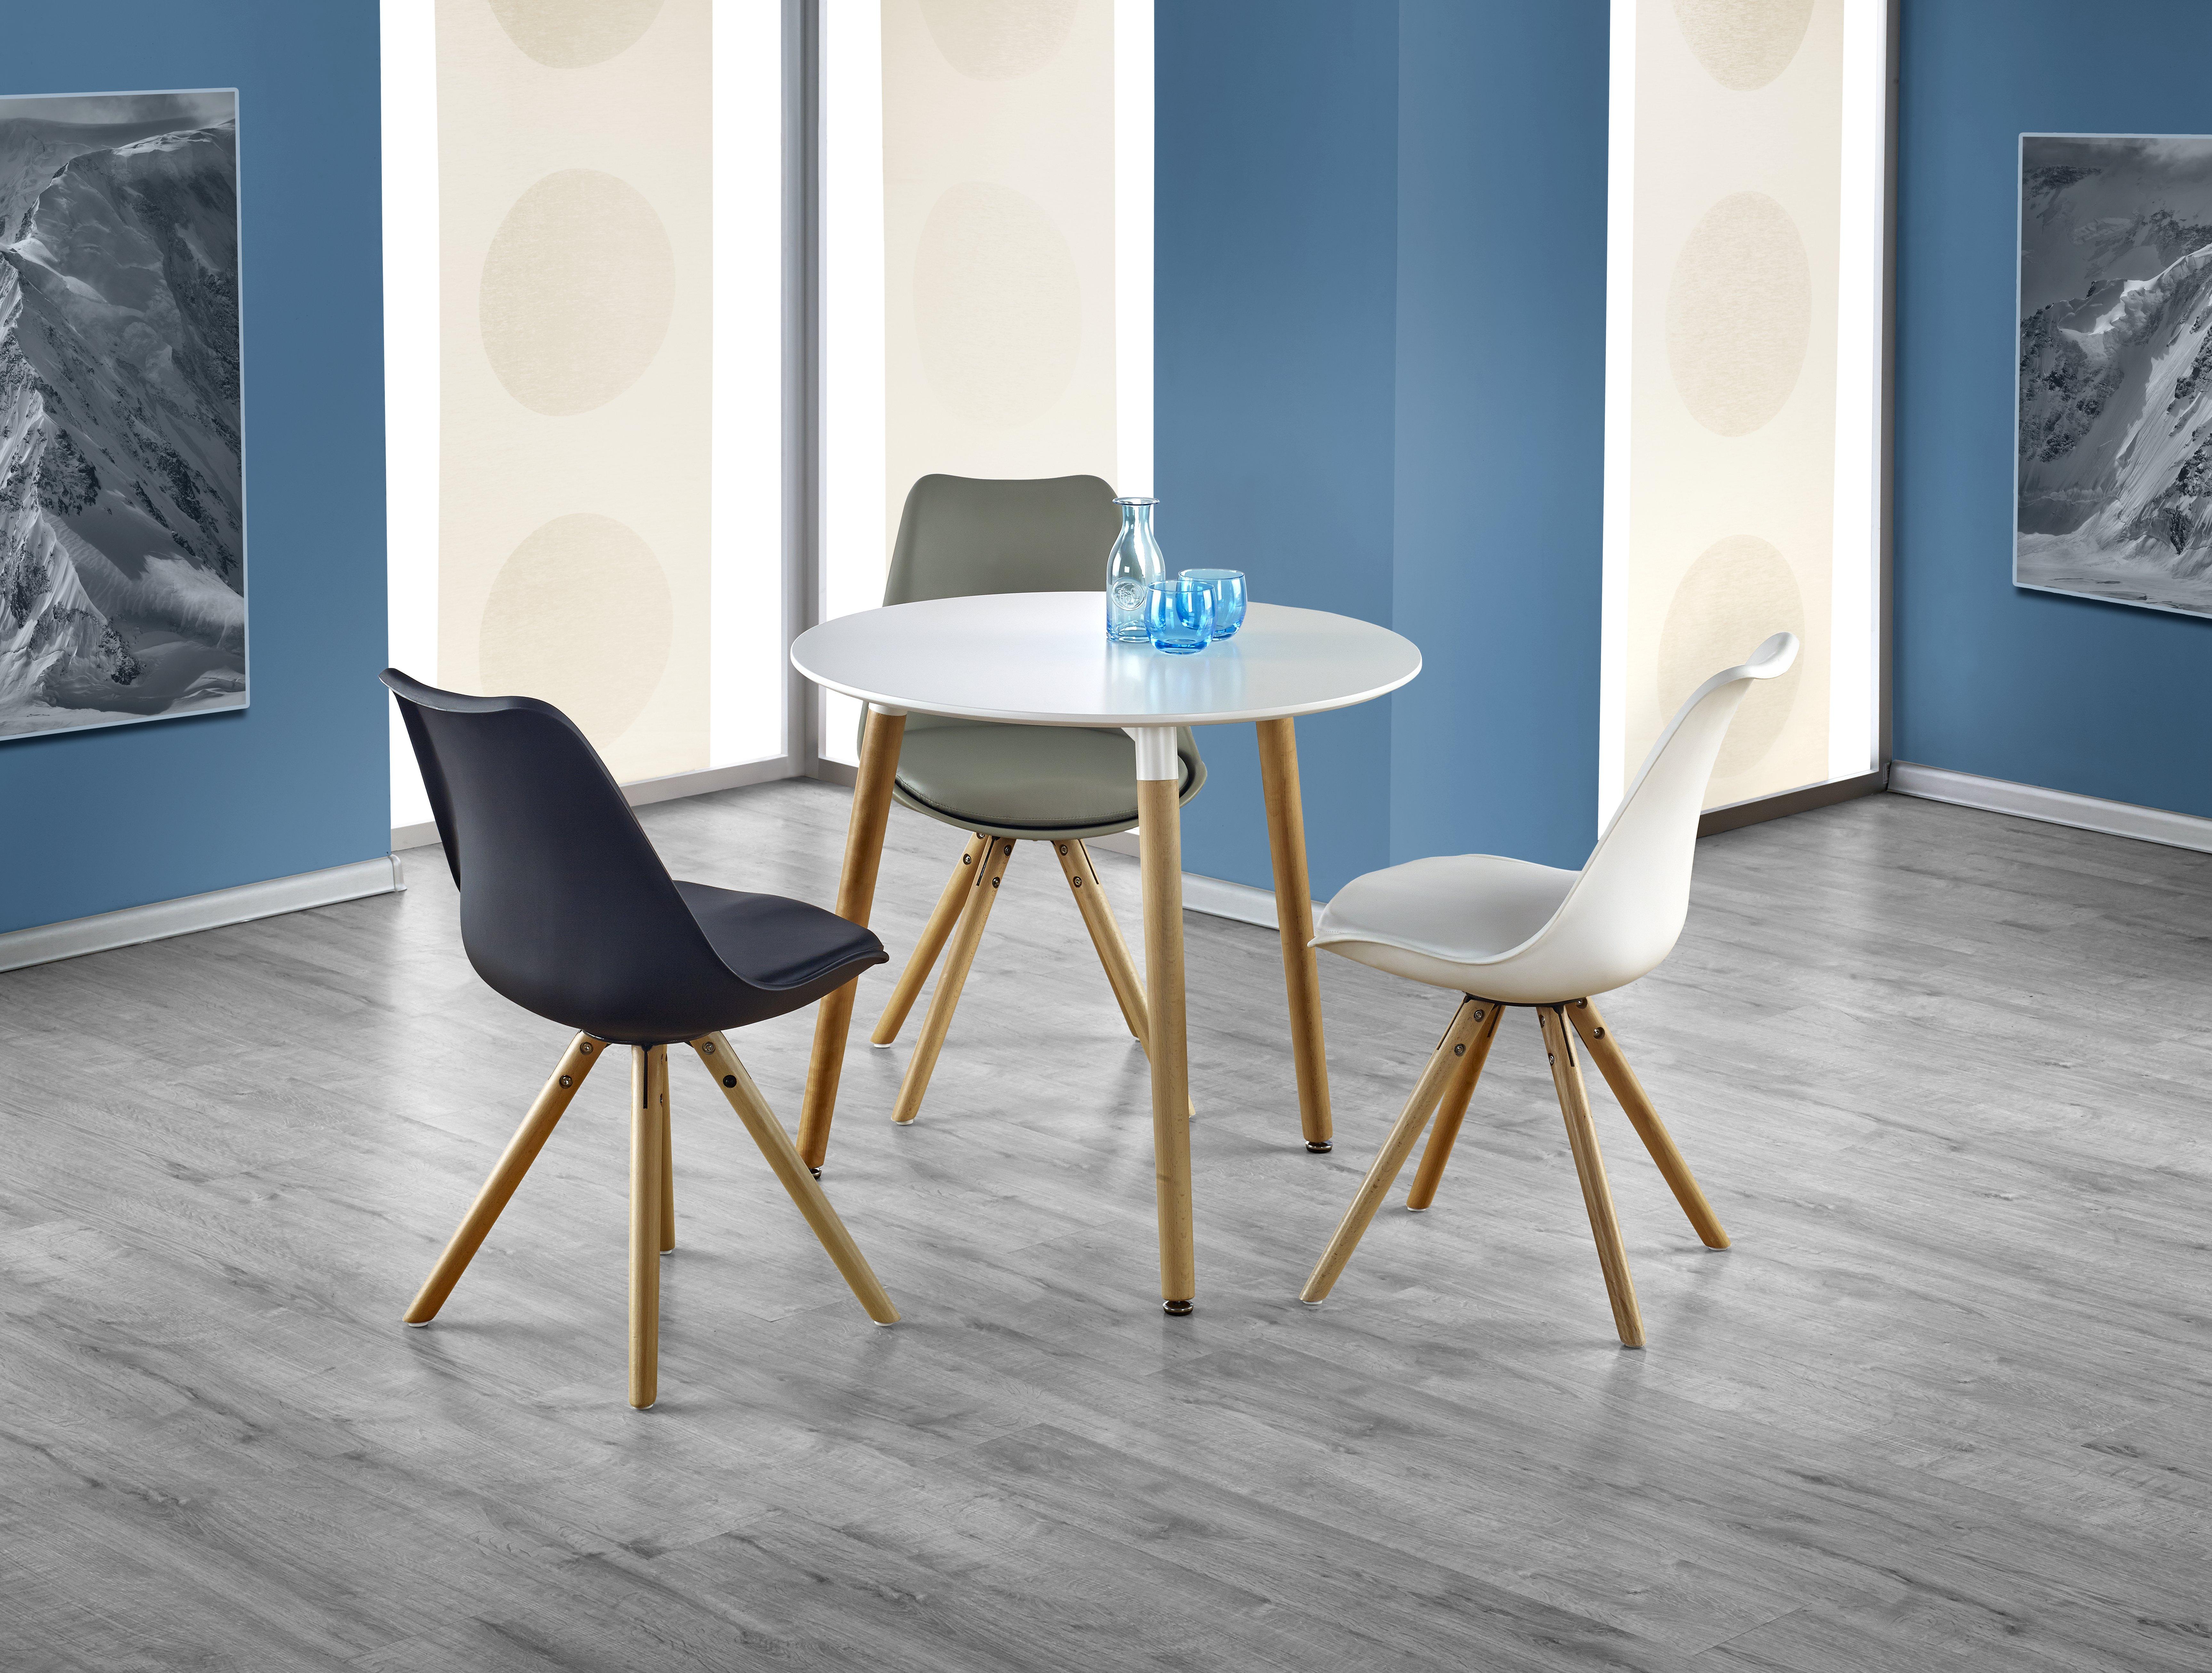 Jídelní stůl - Halmar - Socrates kulatý (pro 4 osoby)